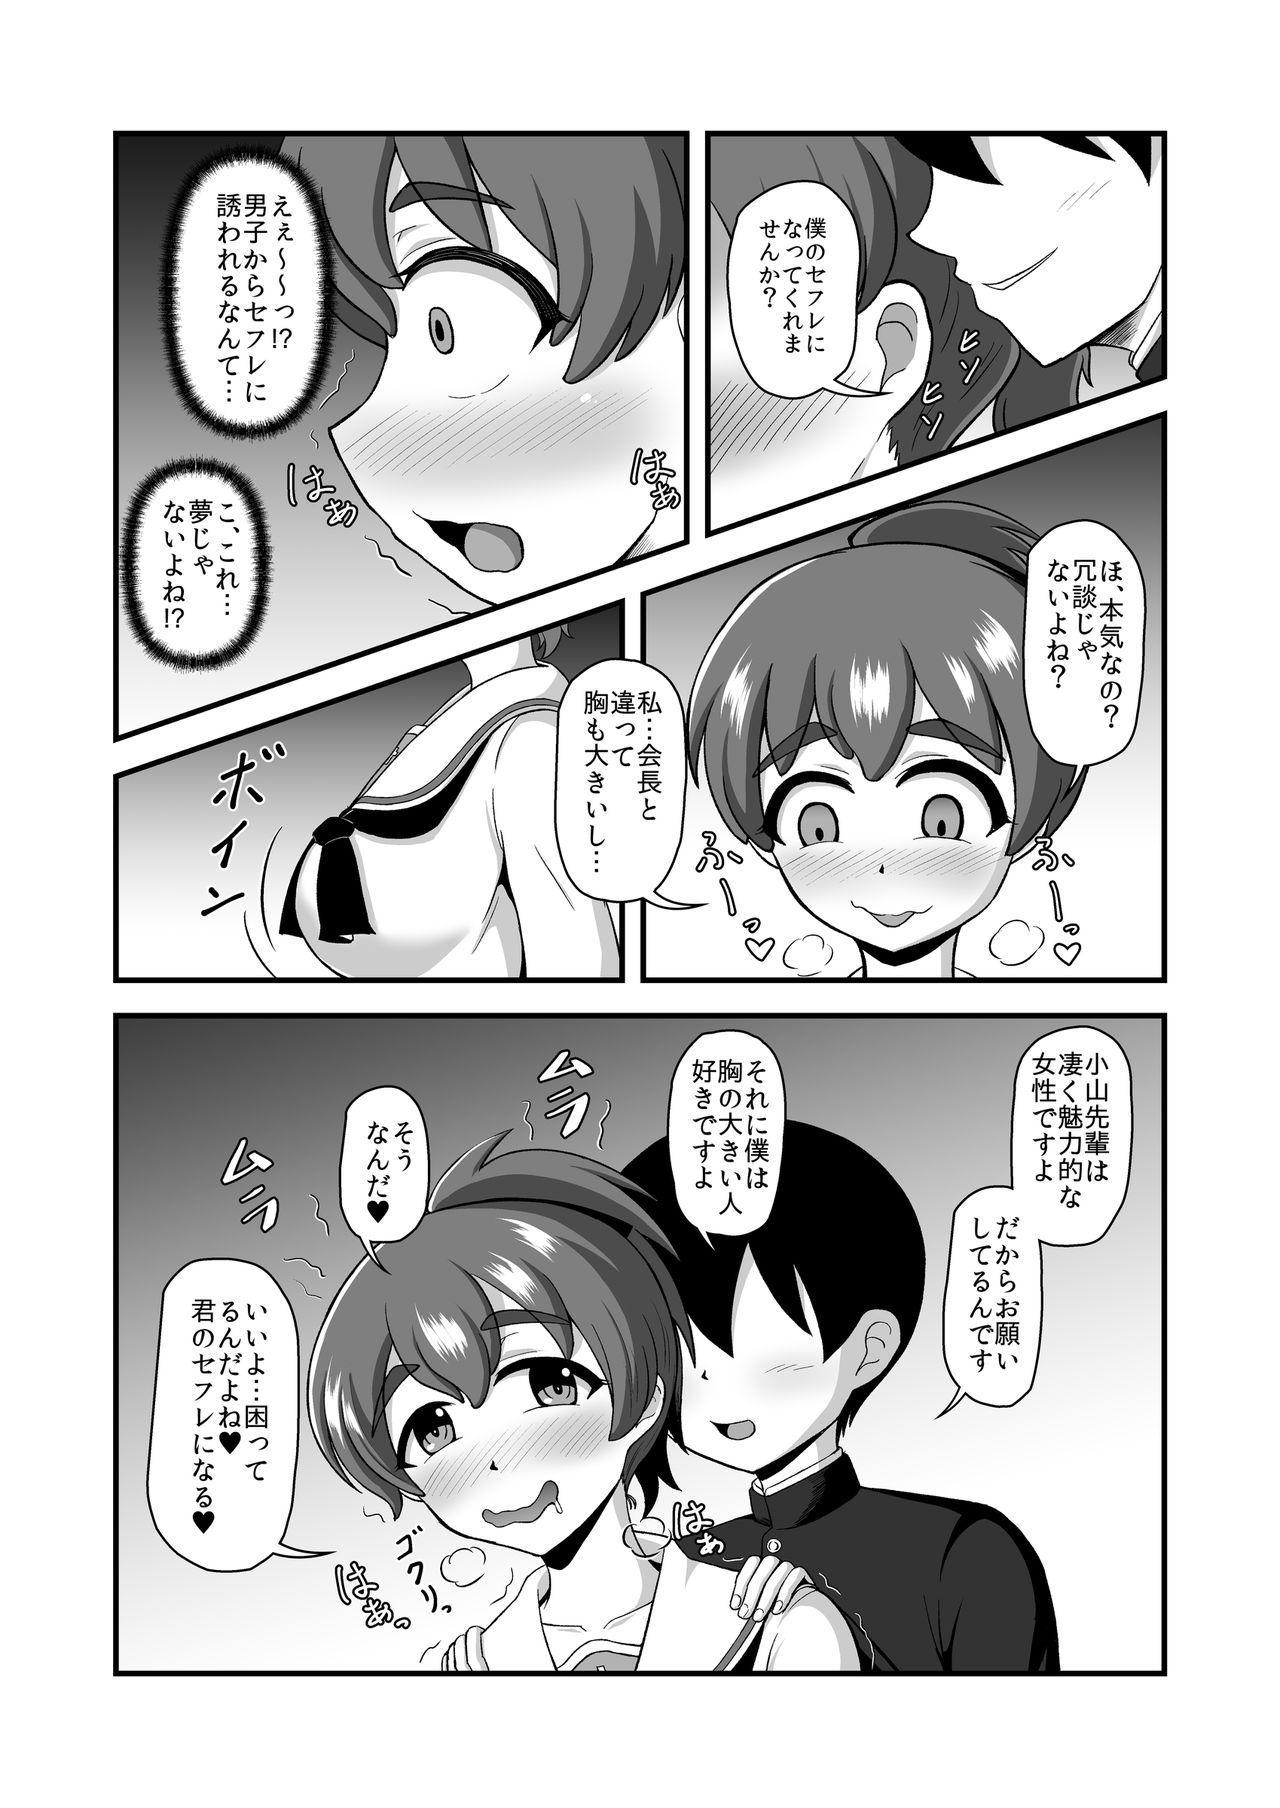 Teisou Gyakuten Abekobe Banashi 2 41